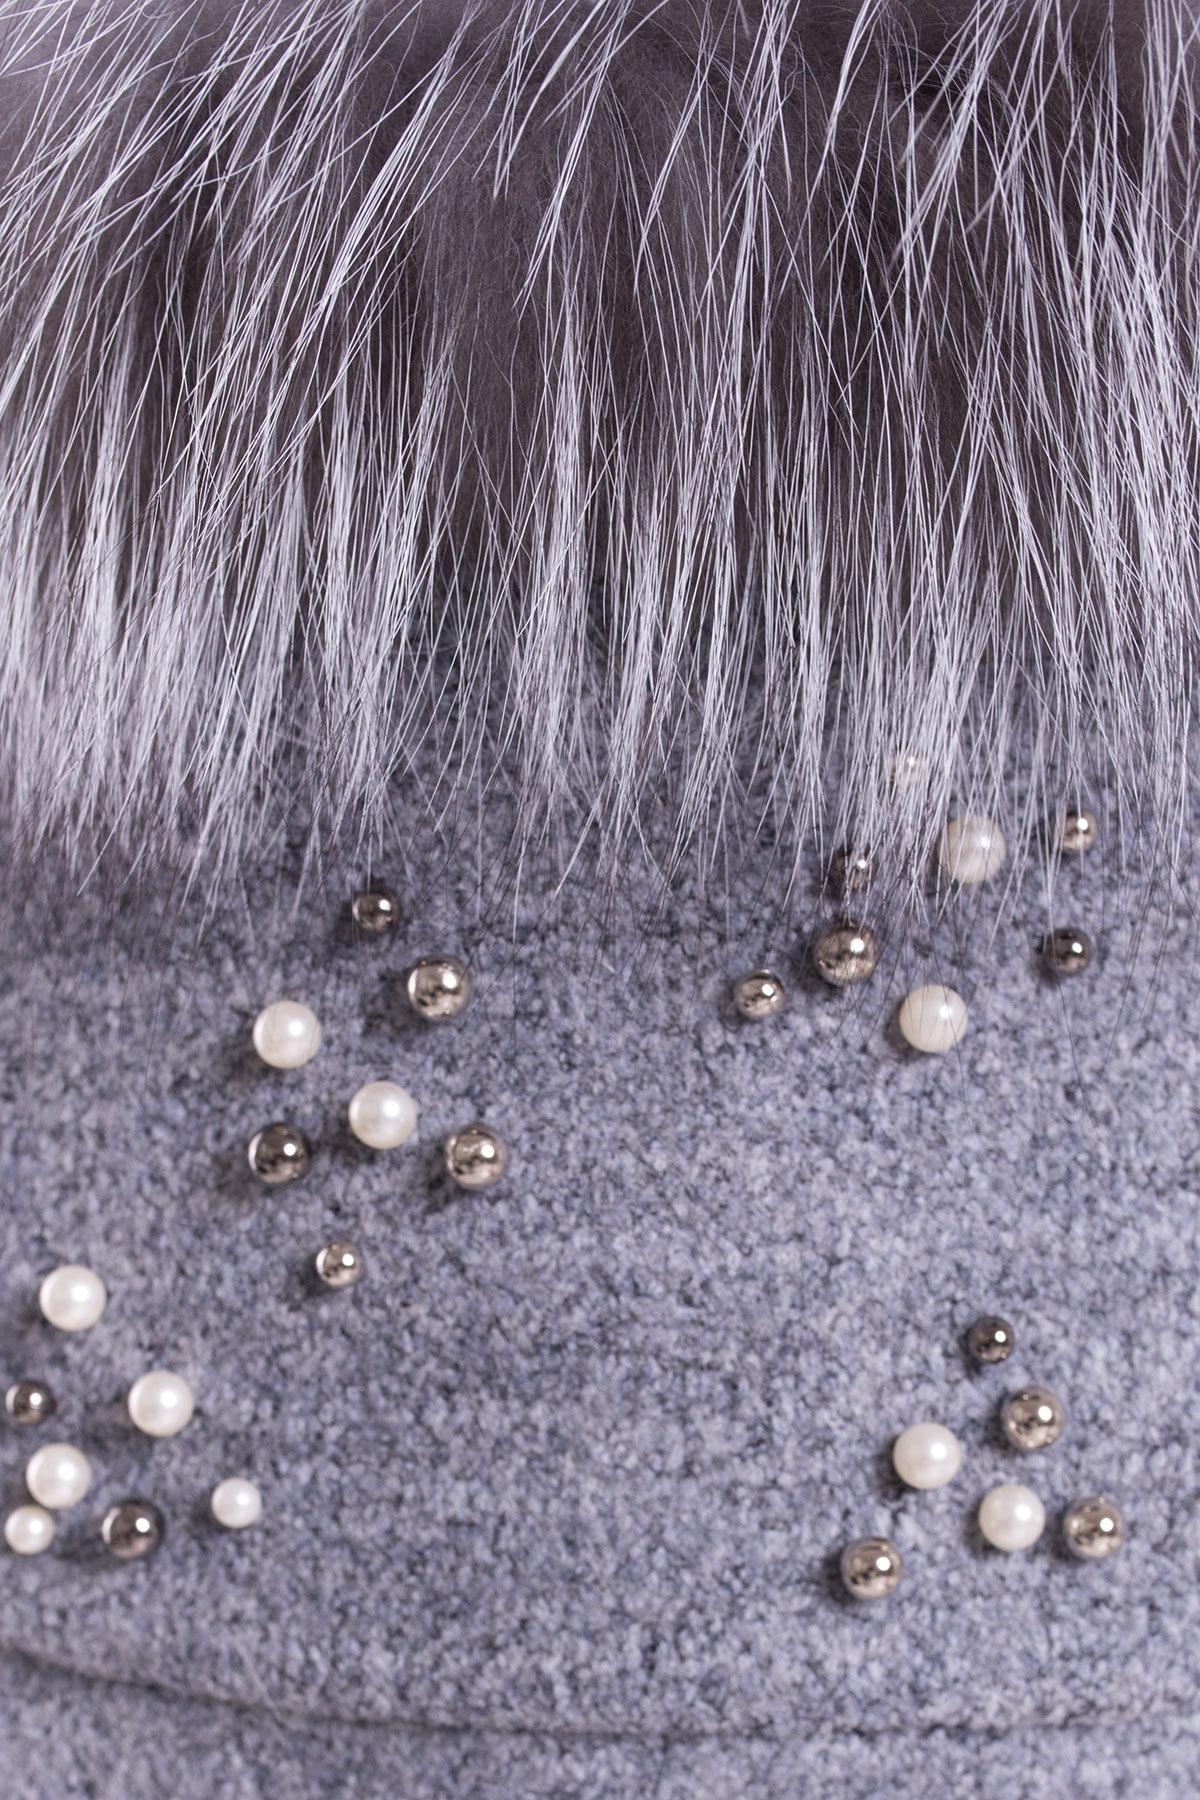 Пальто зима Ажен 3433 АРТ. 17862 Цвет: Серый 48 - фото 5, интернет магазин tm-modus.ru